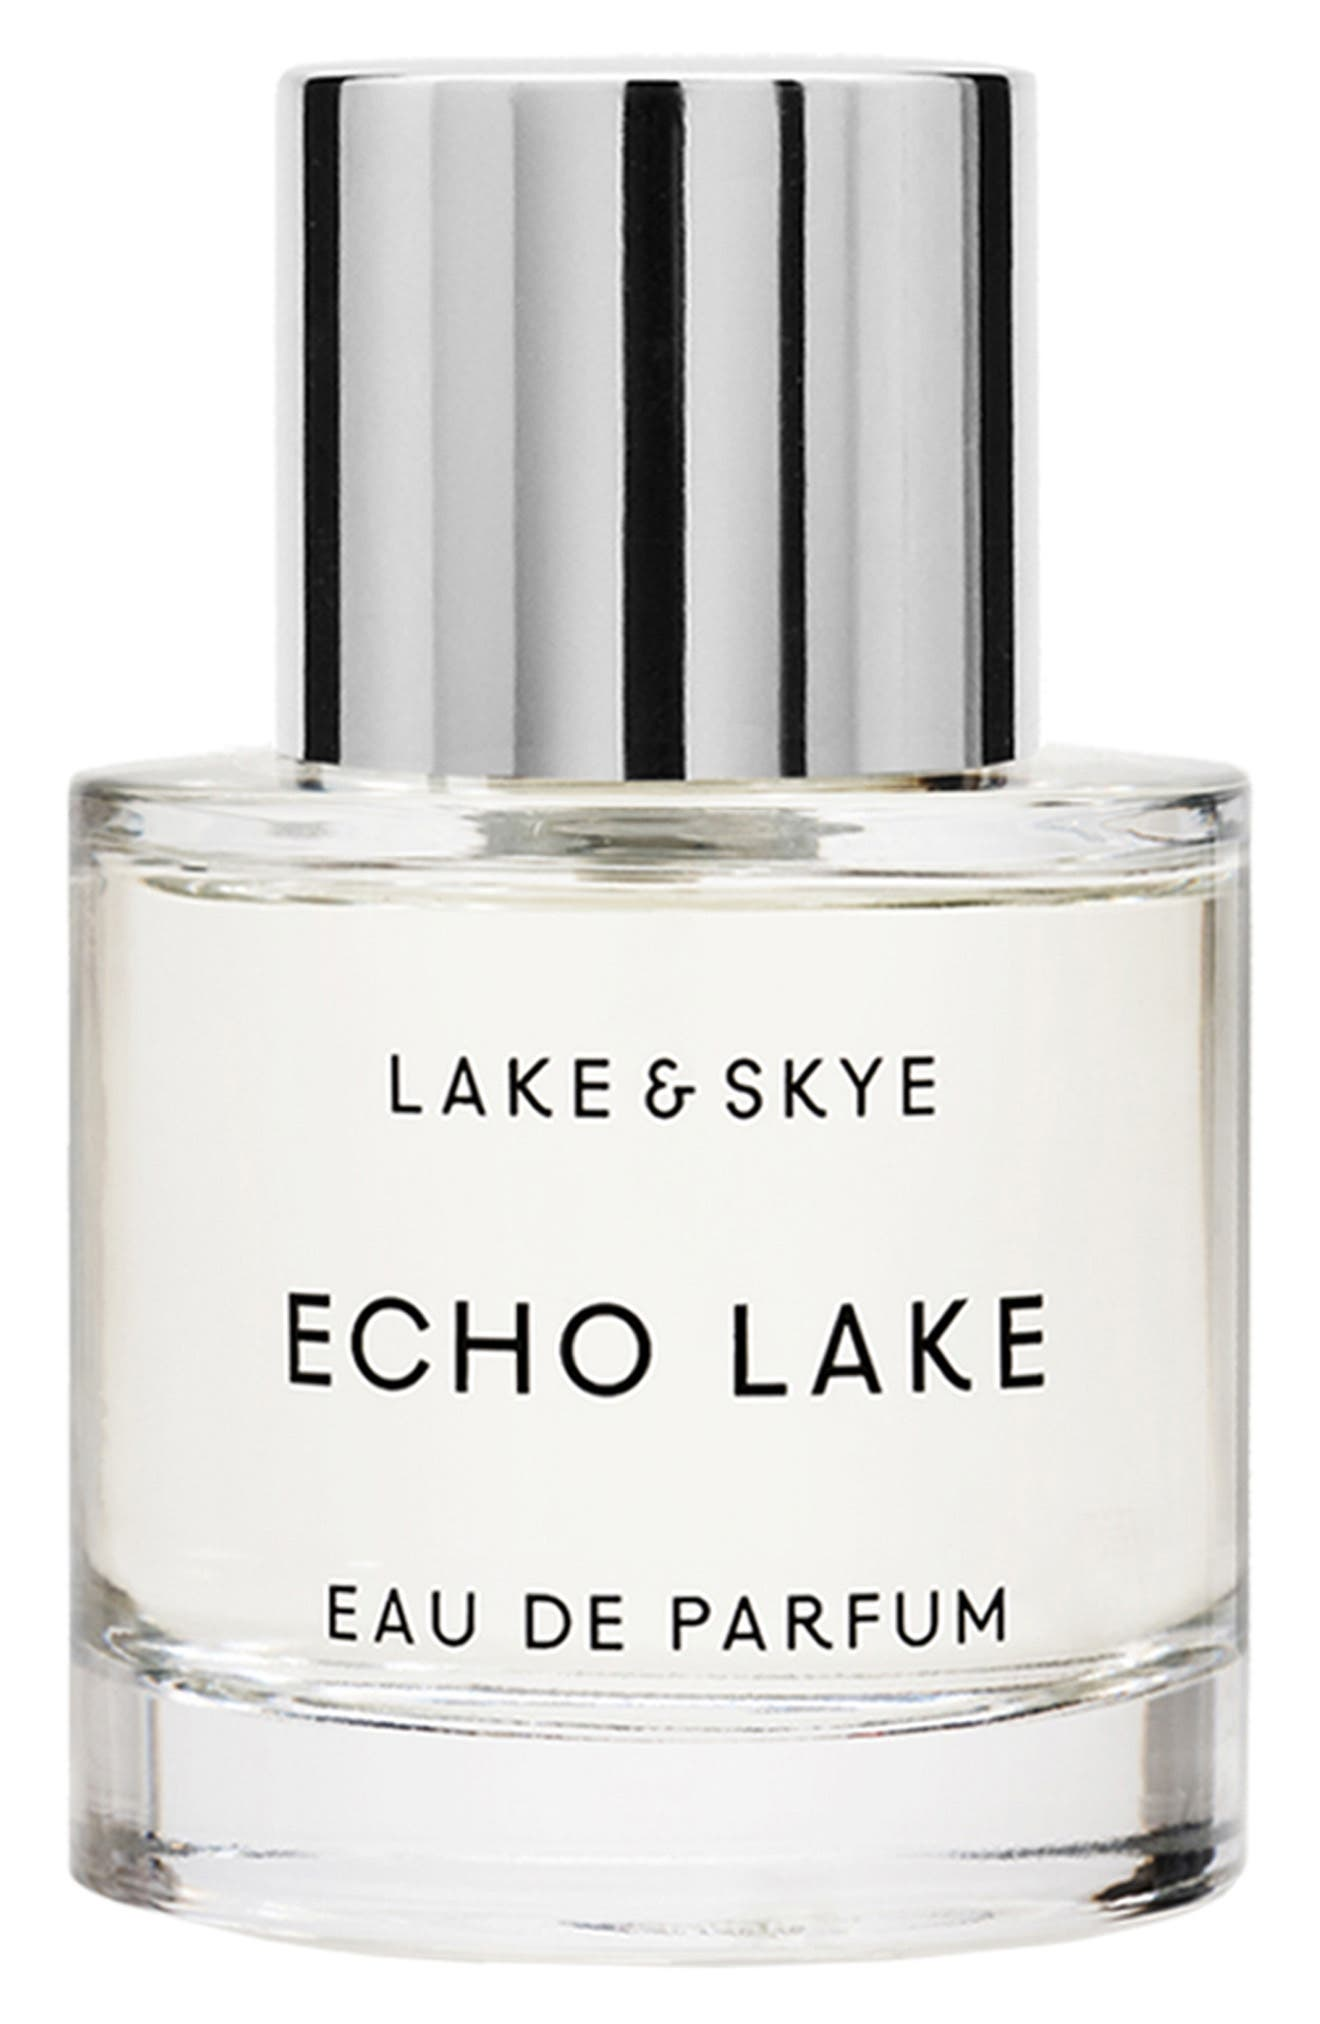 Lake & Skye Echo Lake Eau De Parfum